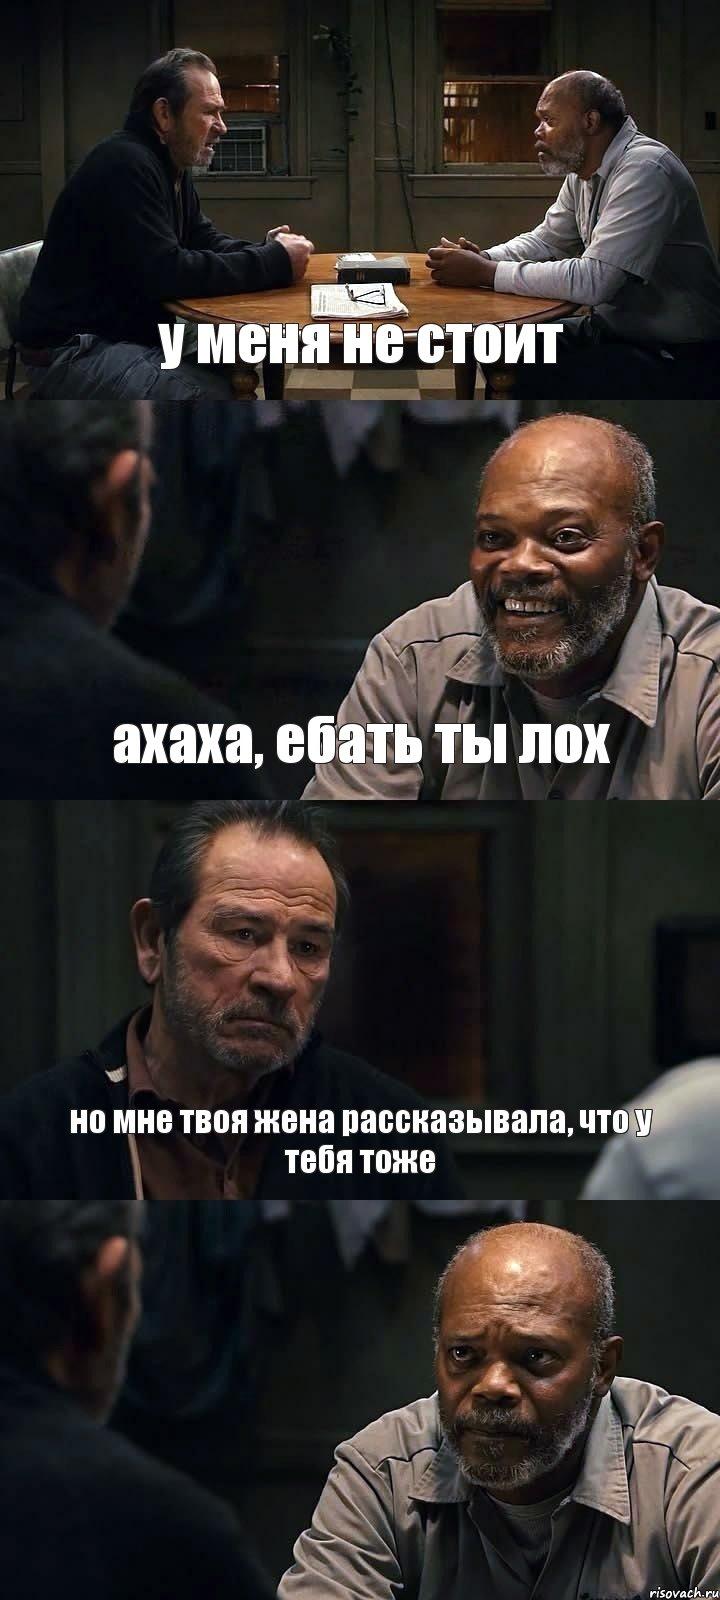 kogda-zh-ebat-to-budut